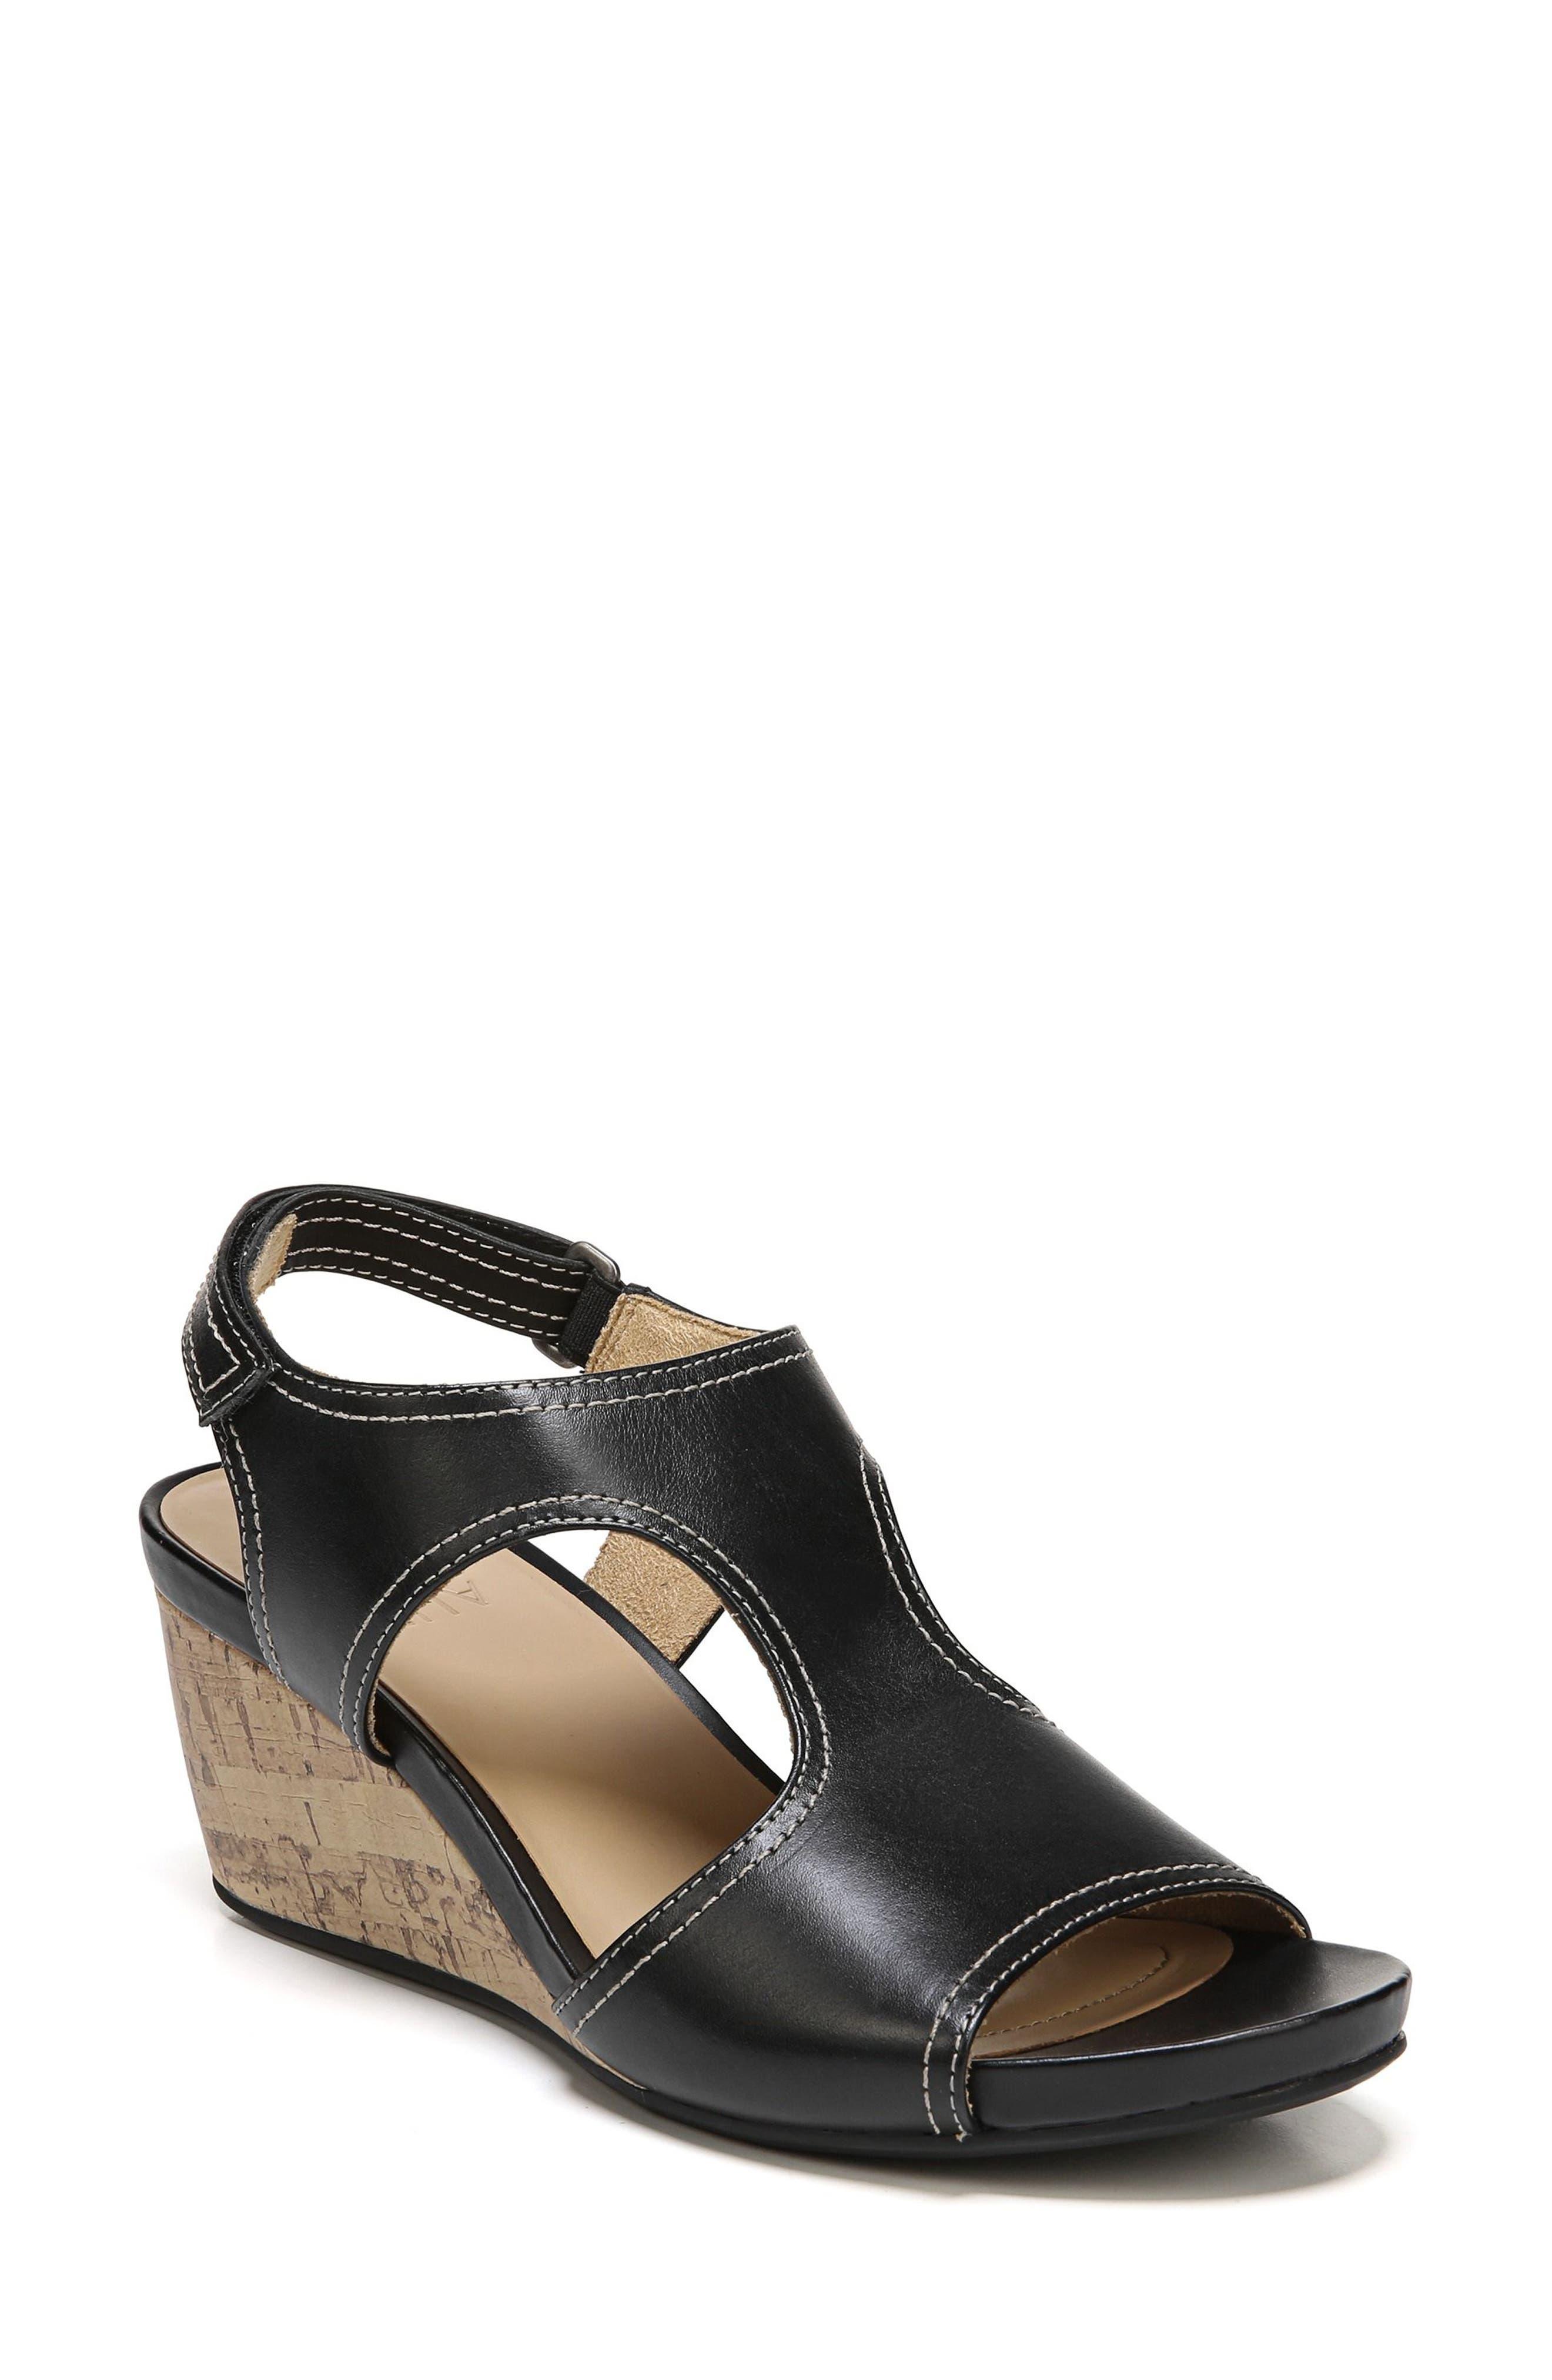 NATURALIZER Cinda Wedge Sandal, Main, color, 001